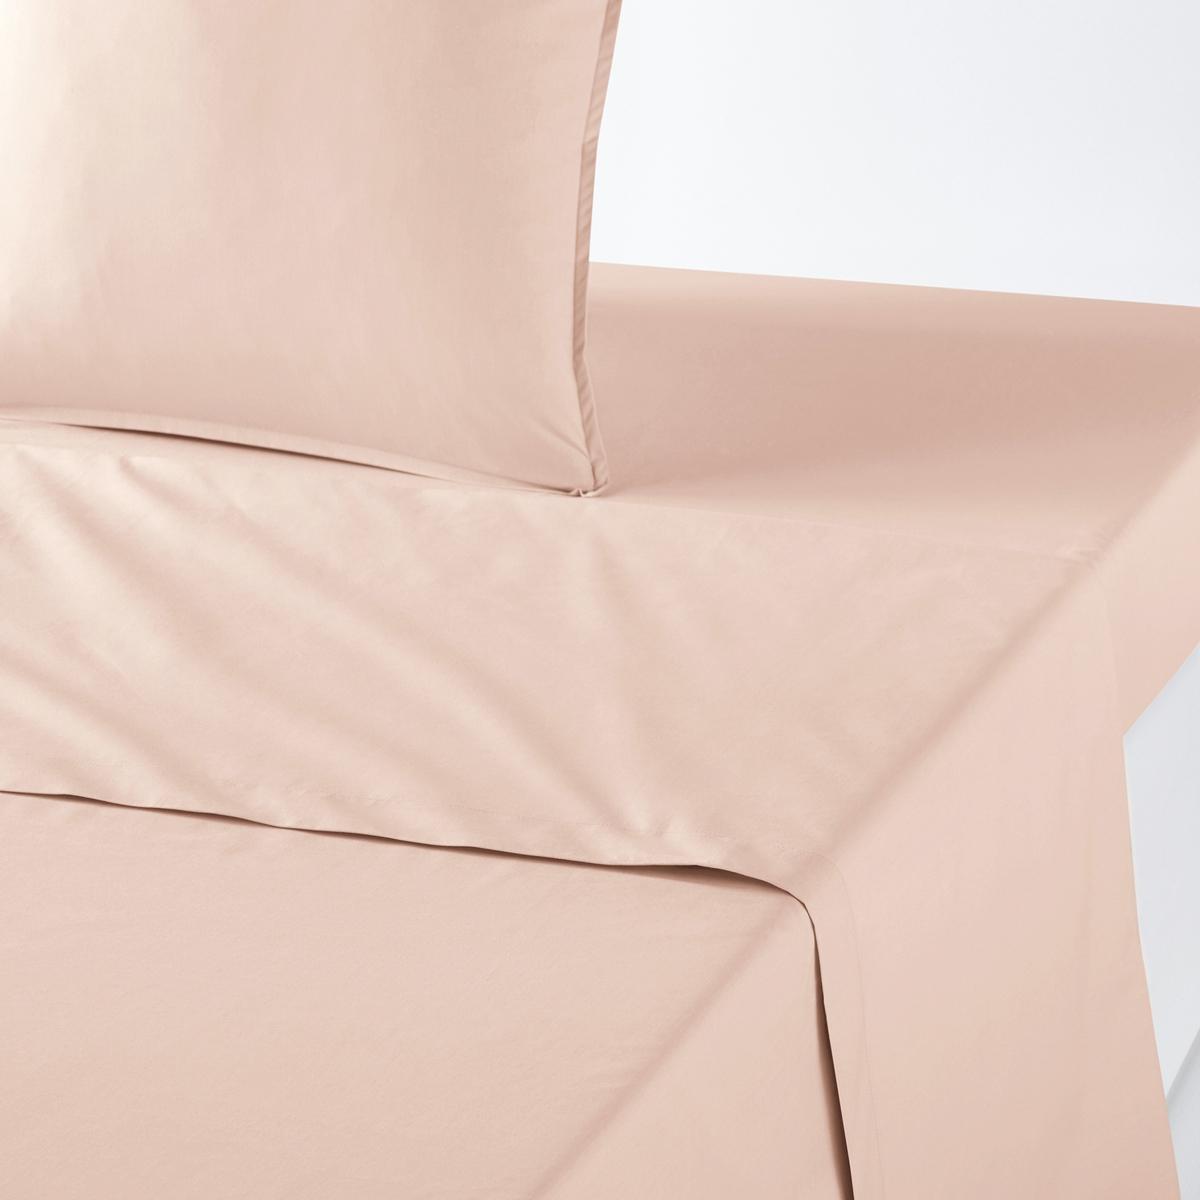 Простыня La Redoute Из перкали из биохлопка 150 x 250 см розовый наволочка la redoute из перкали из биохлопка 50 x 70 см зеленый